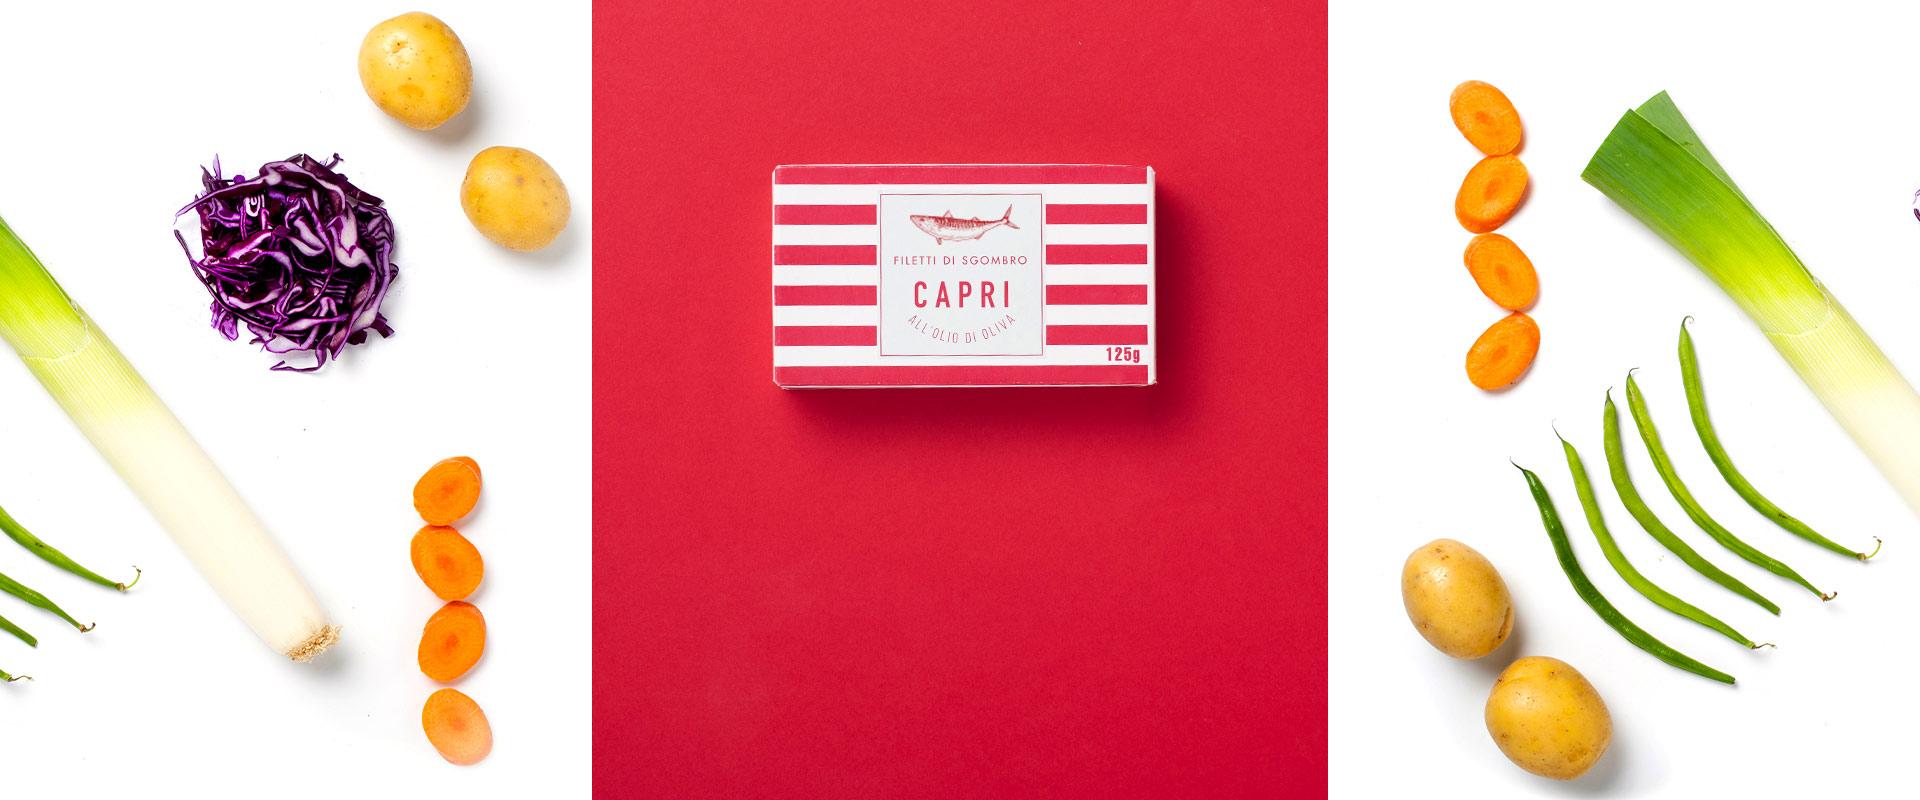 Filetti di Sgombro all'Olio di Oliva Capri | Ricetta